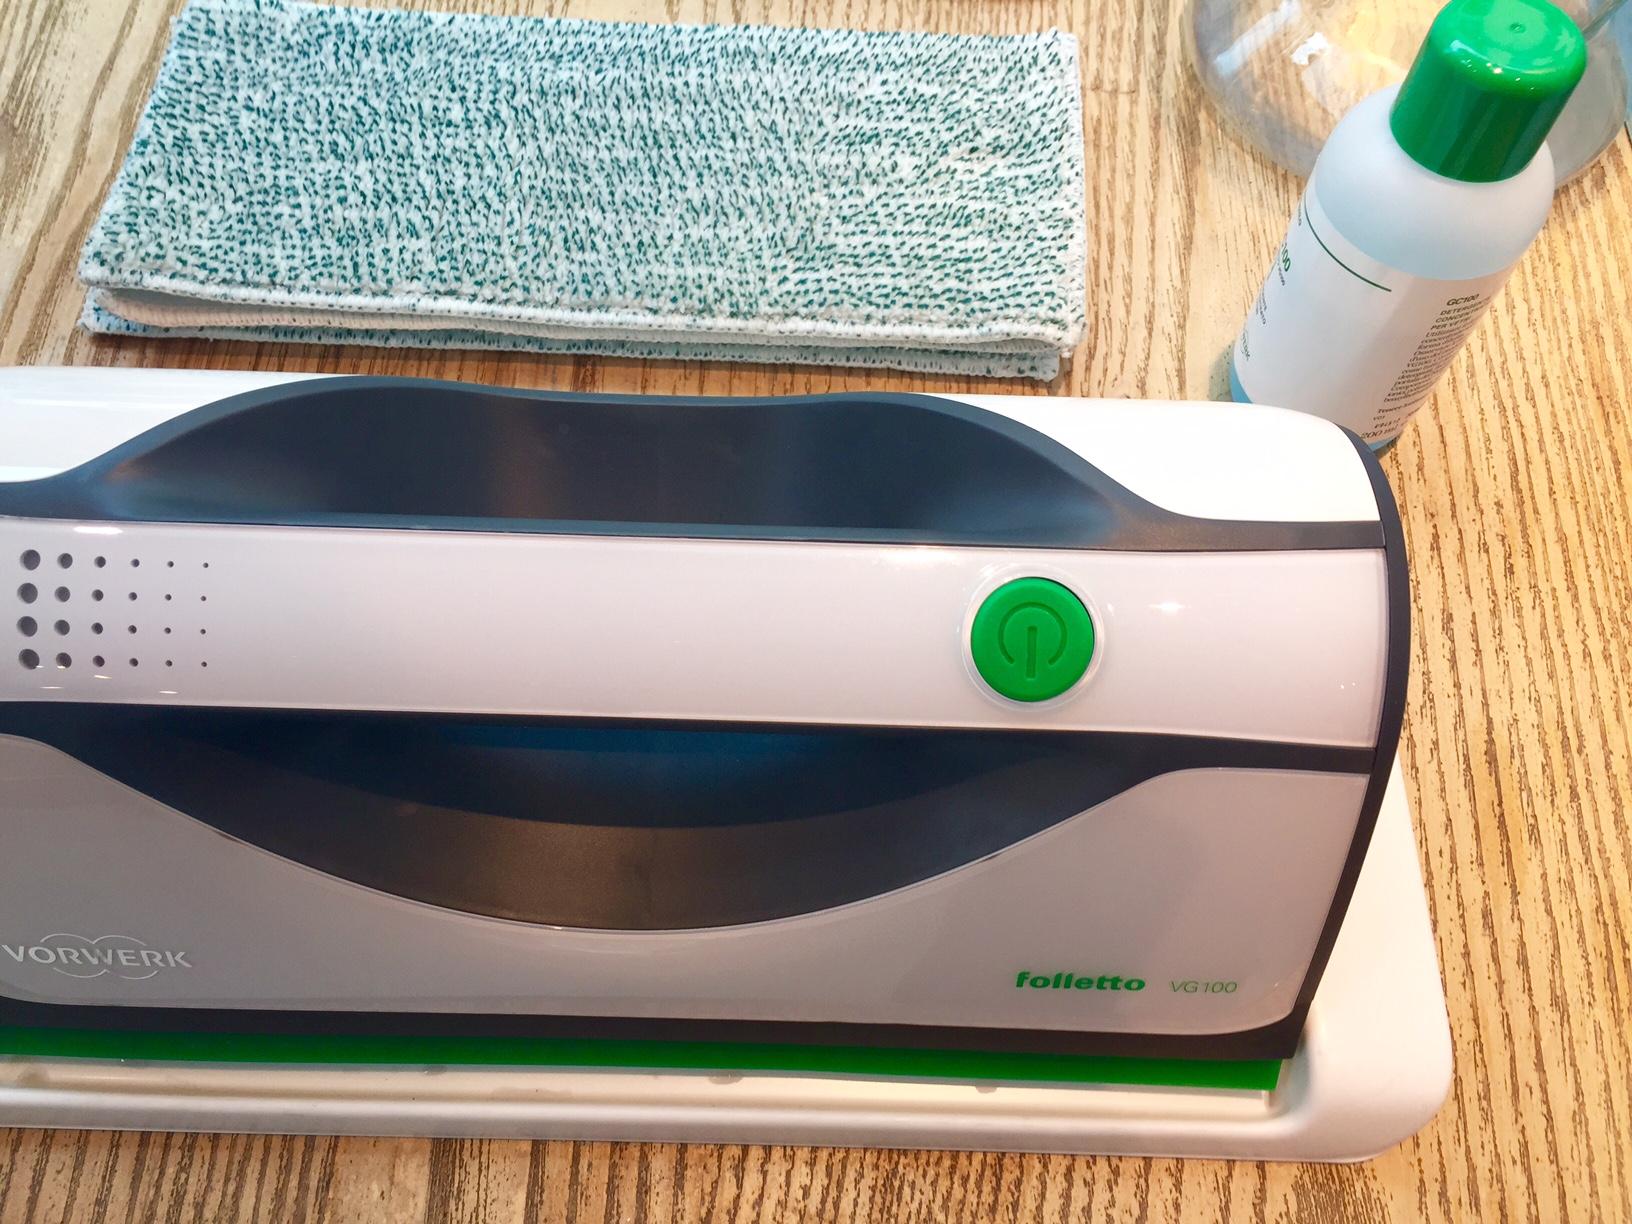 folletto-pulizie-pasqua-folletto-lavavetro-vg100-non-si-dice-piacere-bon-ton-buone-maniere